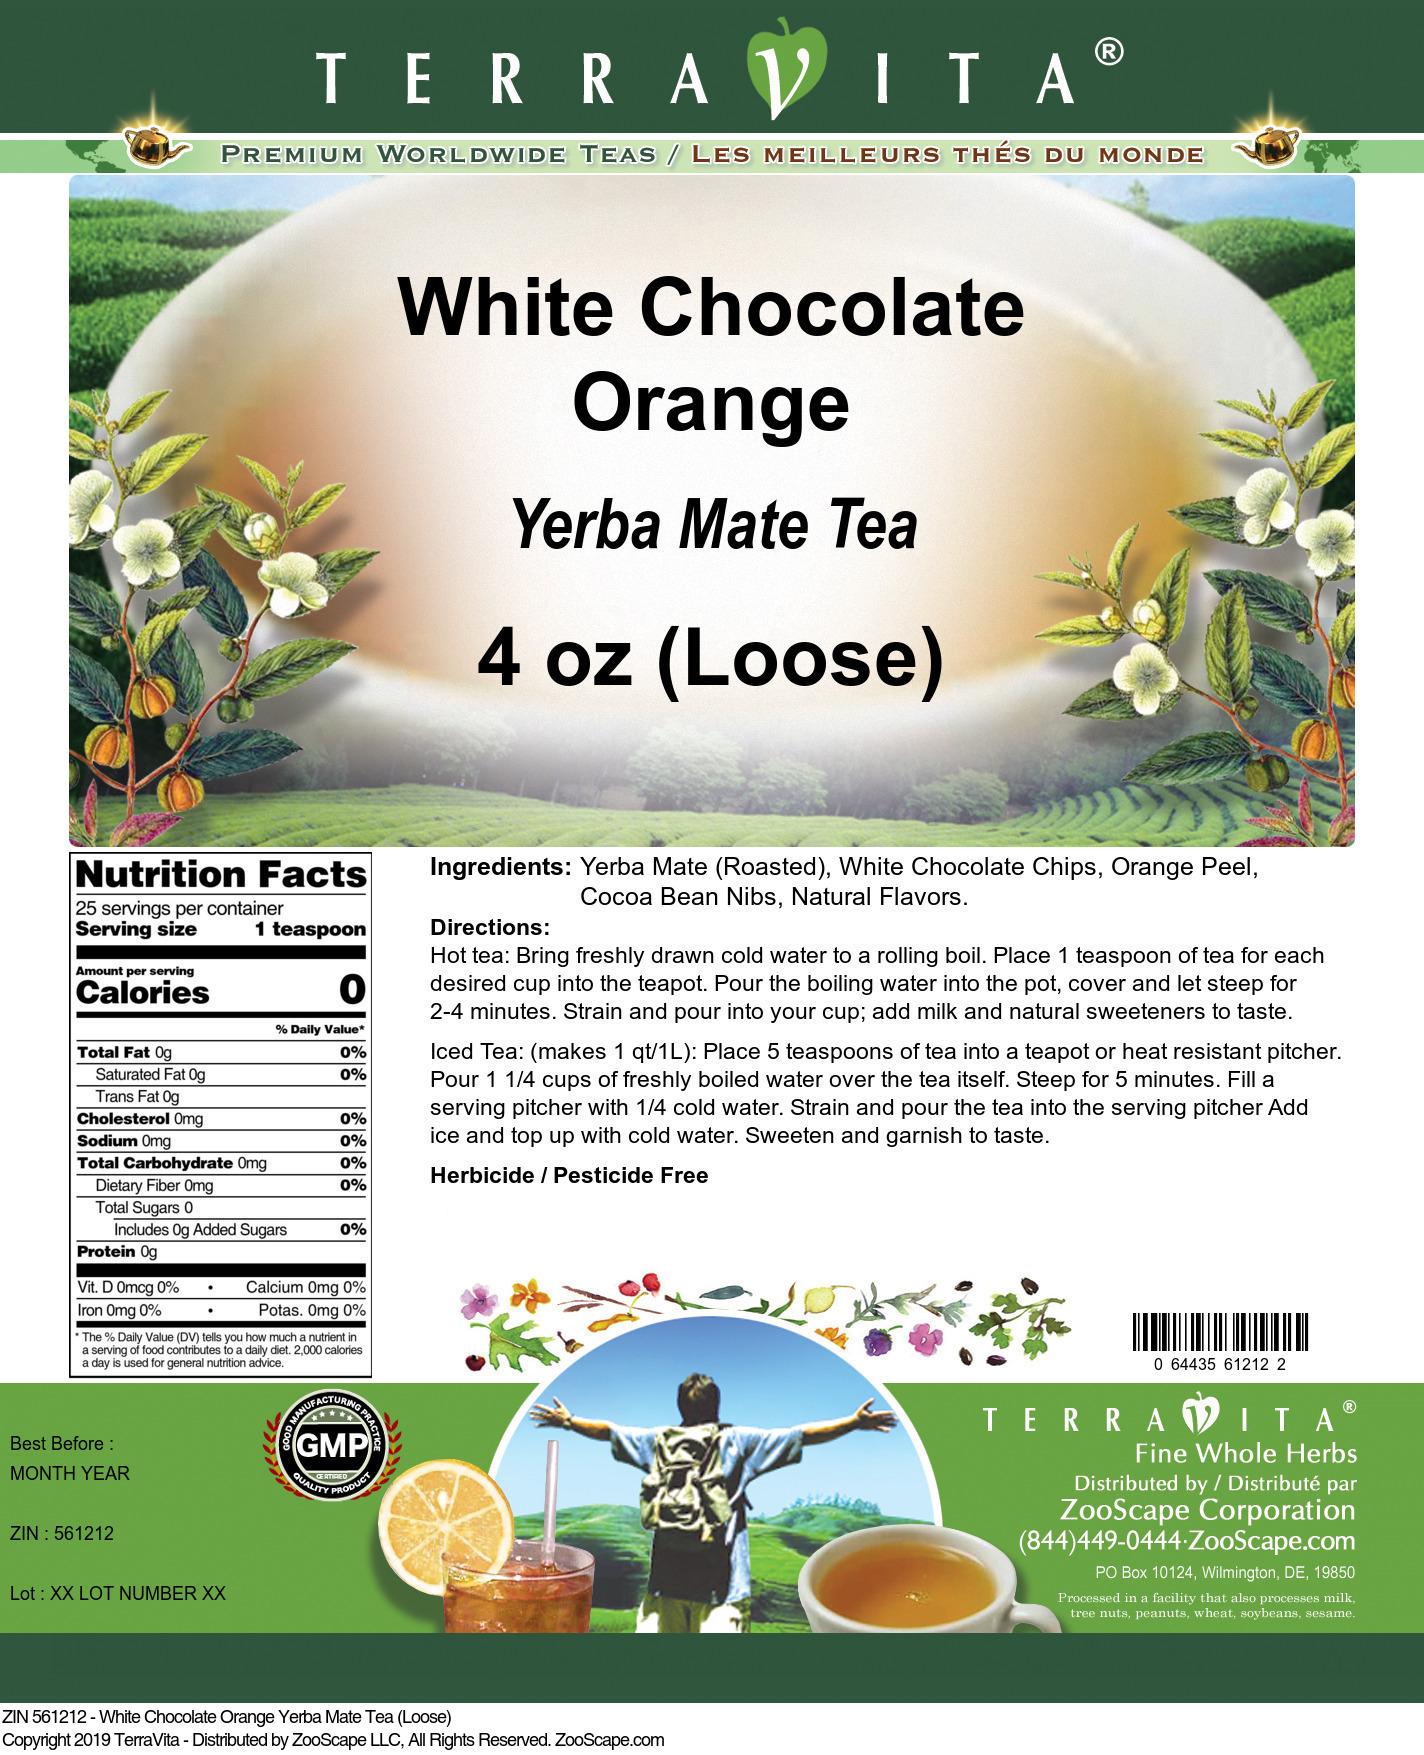 White Chocolate Orange Yerba Mate